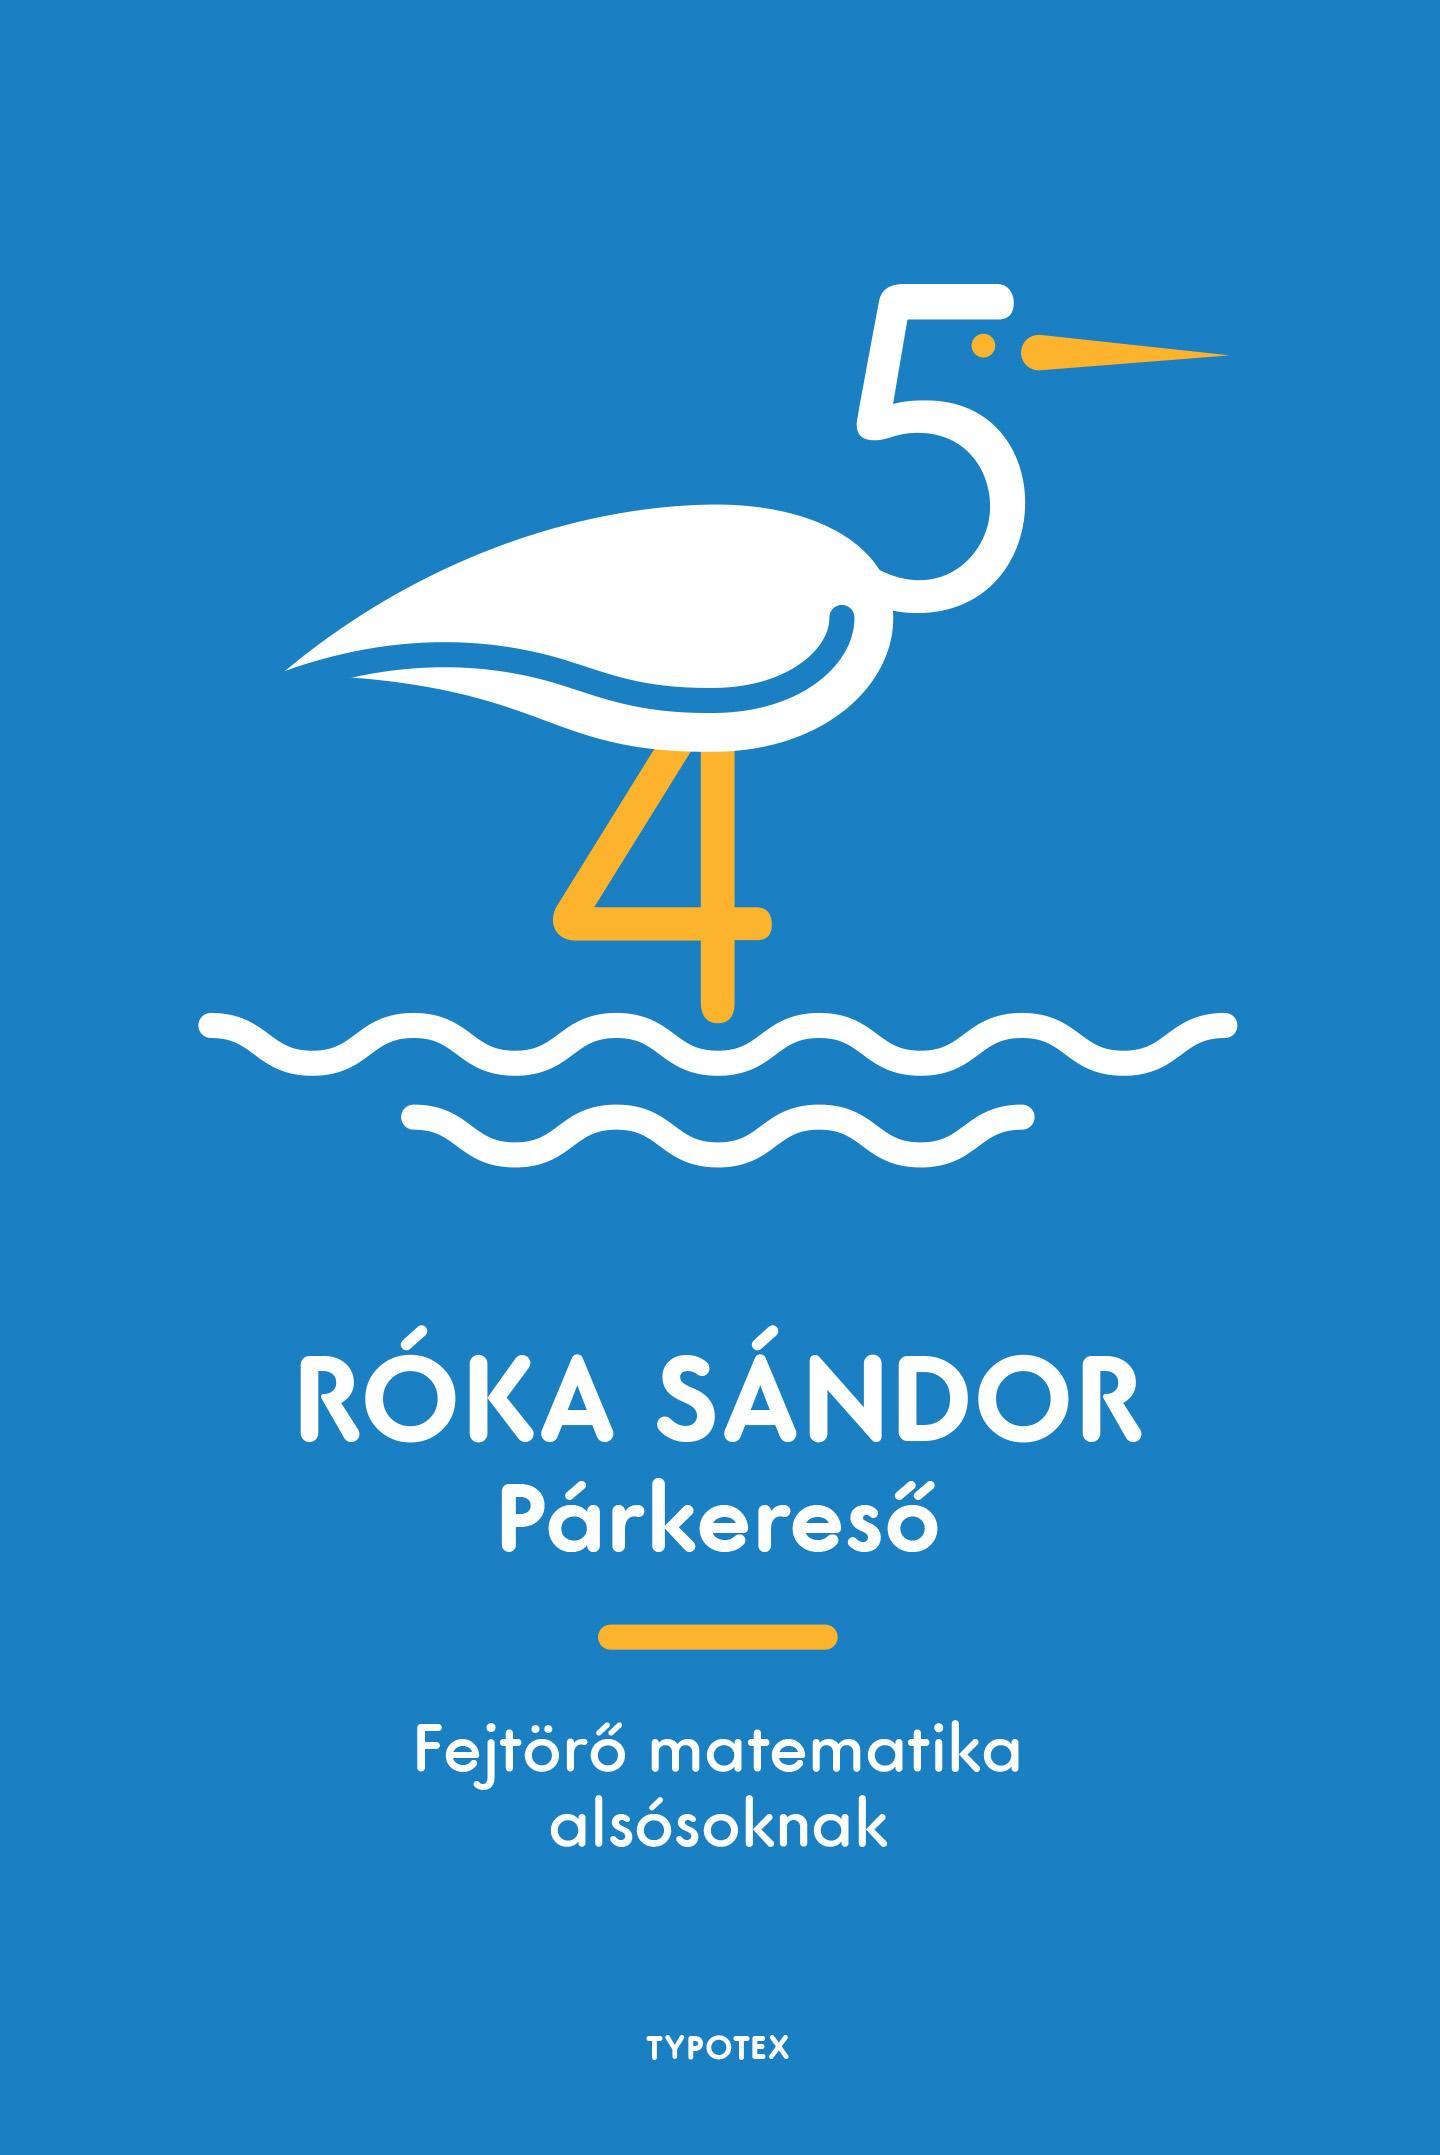 RÓKA SÁNDOR - PÁRKERESŐ - FEJTÖRŐ MATEMATIKA ALSÓSOKNAK